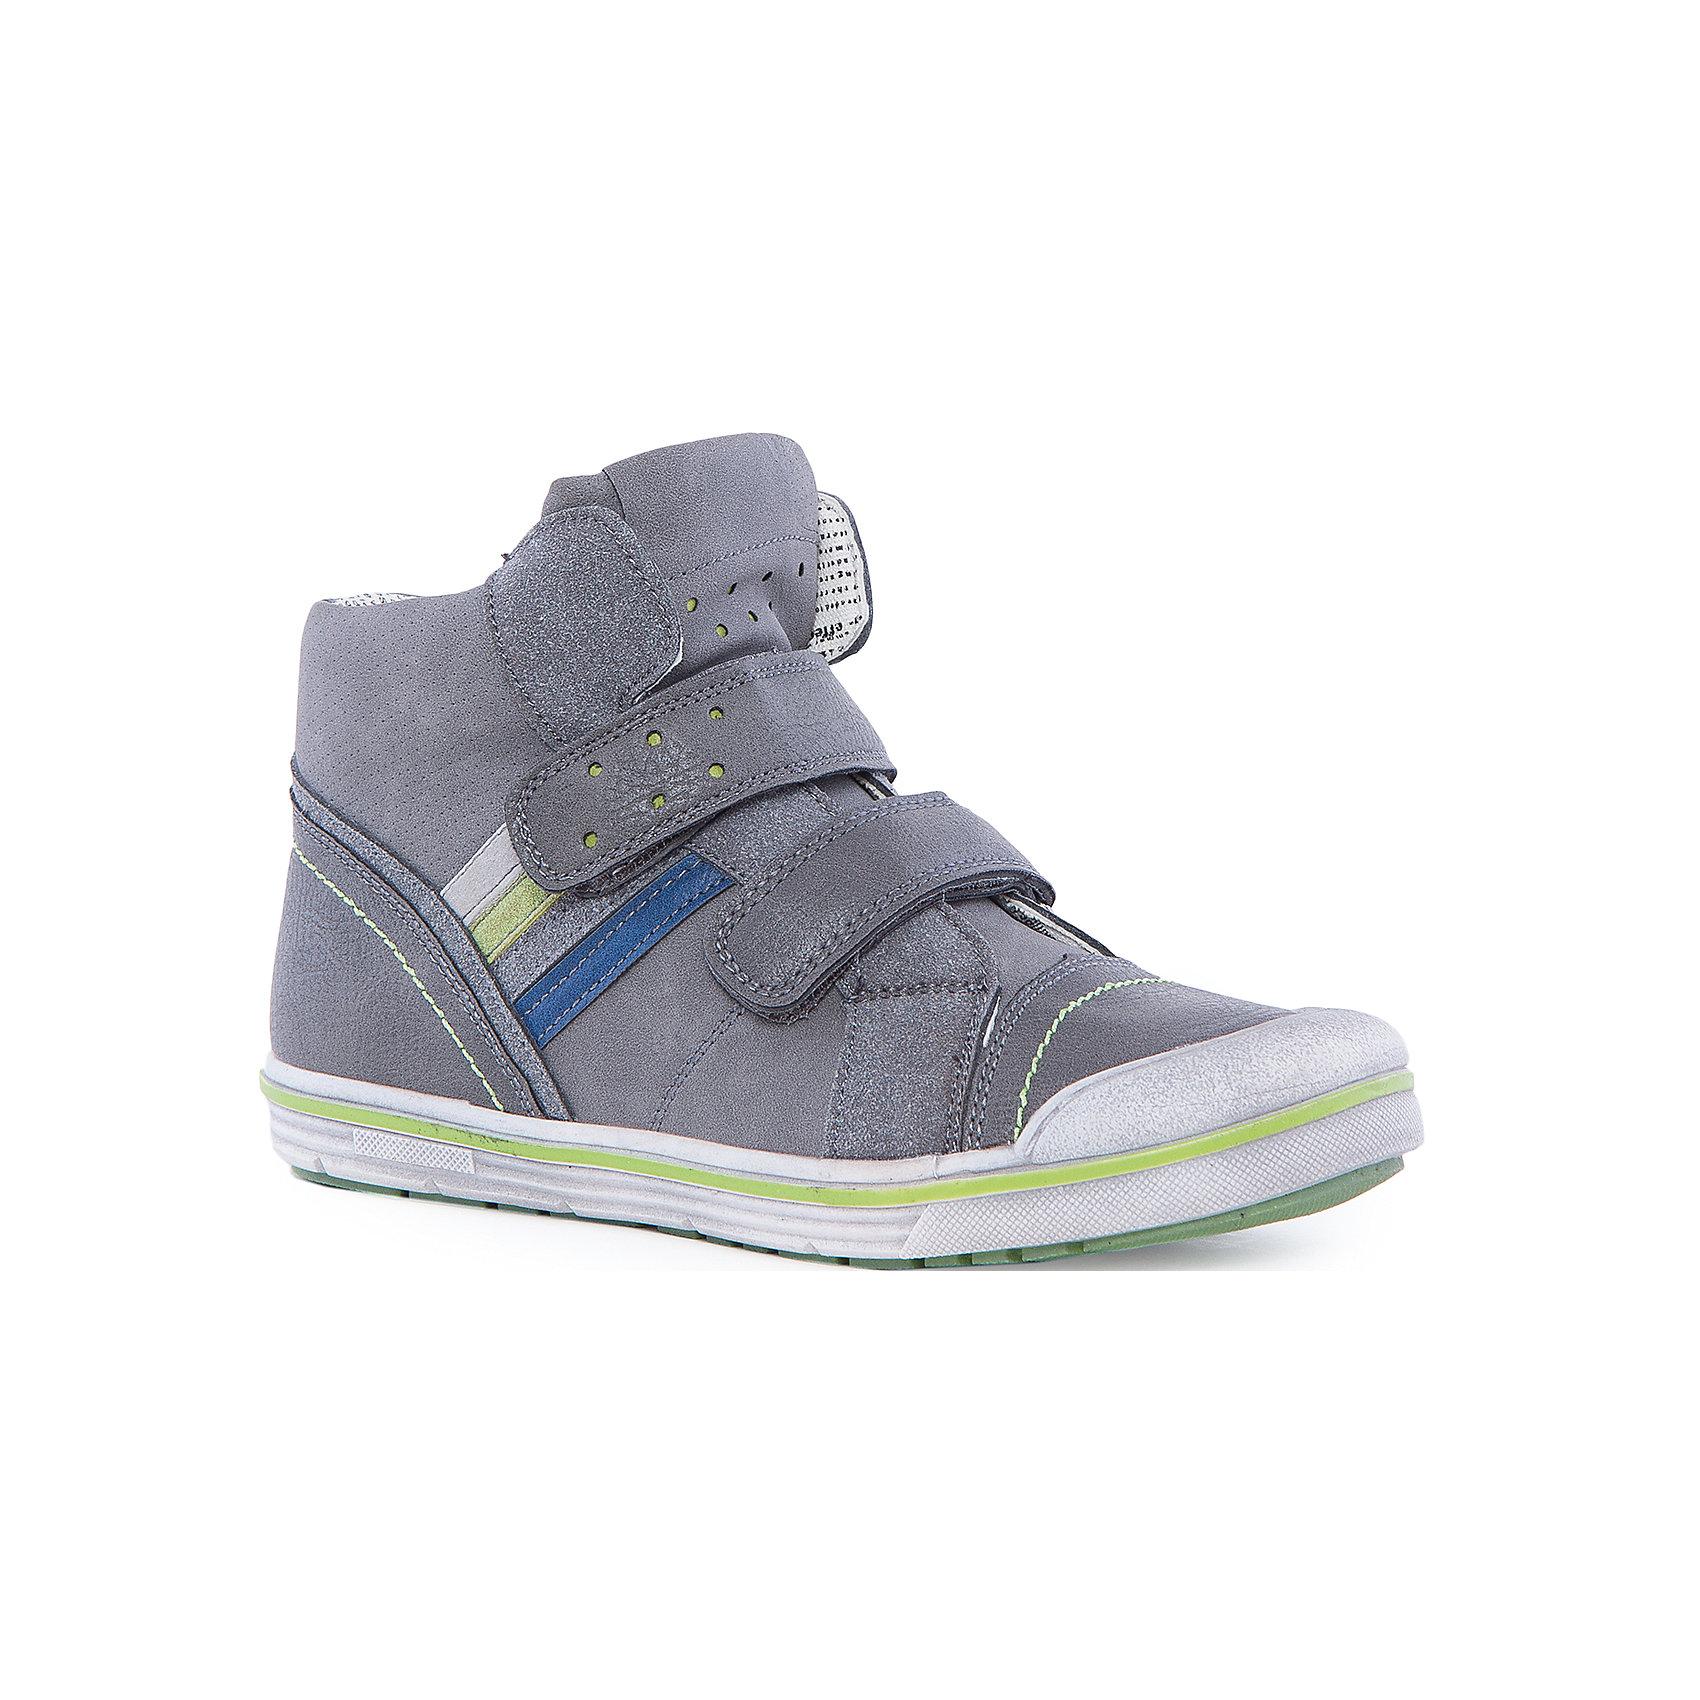 Ботинки для мальчика ScoolБотинки<br>Стильные ботинки от известного бренда Scool выполнены из высококачественных материалов, прекрасно подойдут для прохладной погоды. Модель на высокой гибкой подошве с твердым задником отлично защищает ноги ребенка. Ботинки застегиваются на липучки и молнию. Стильный серый цвет с деталями из темно-синего и темно-салатового цвета в сочетании со стильной подкладкой, декорированной под газету придут по вкусу вашему ребенку.  <br><br>Дополнительная информация:<br>- Высокий задник<br>- Гибкая подошва<br>- Сезон: осень/весна.<br>- Тип застежки: липучка, молния<br>Состав:<br>- Верх: искусственная кожа<br>- Подкладка: текстиль.<br>- Подошва: резина.<br>- Стелька: натуральная кожа.<br>Ботинки для мальчика, Scool, можно купить в нашем магазине.<br>Подробнее:<br>• Для детей в возрасте: от 9 до 14 лет<br>• Номер товара: 4911329<br>Страна производитель: Китай<br><br>Ширина мм: 262<br>Глубина мм: 176<br>Высота мм: 97<br>Вес г: 427<br>Цвет: серый<br>Возраст от месяцев: 156<br>Возраст до месяцев: 168<br>Пол: Мужской<br>Возраст: Детский<br>Размер: 37,34,35,38,33,31,36,32<br>SKU: 4911328